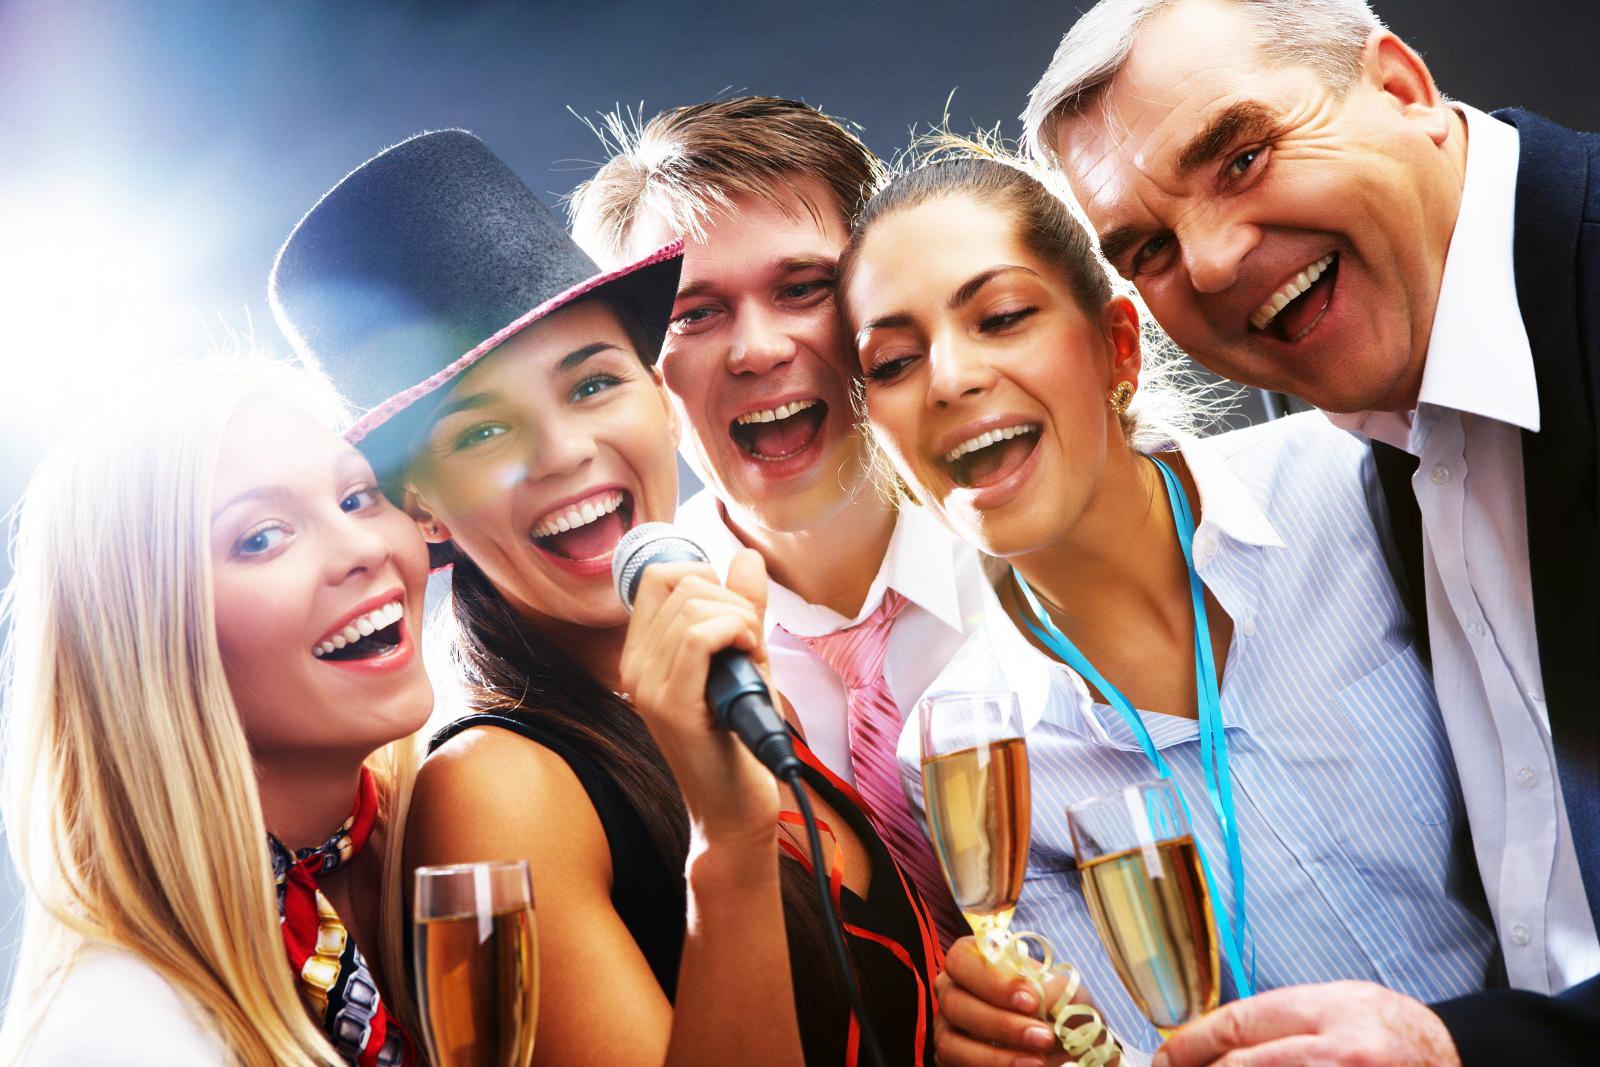 Для взрослых  Лучшие Конкурсы и Игры для Вечеринок